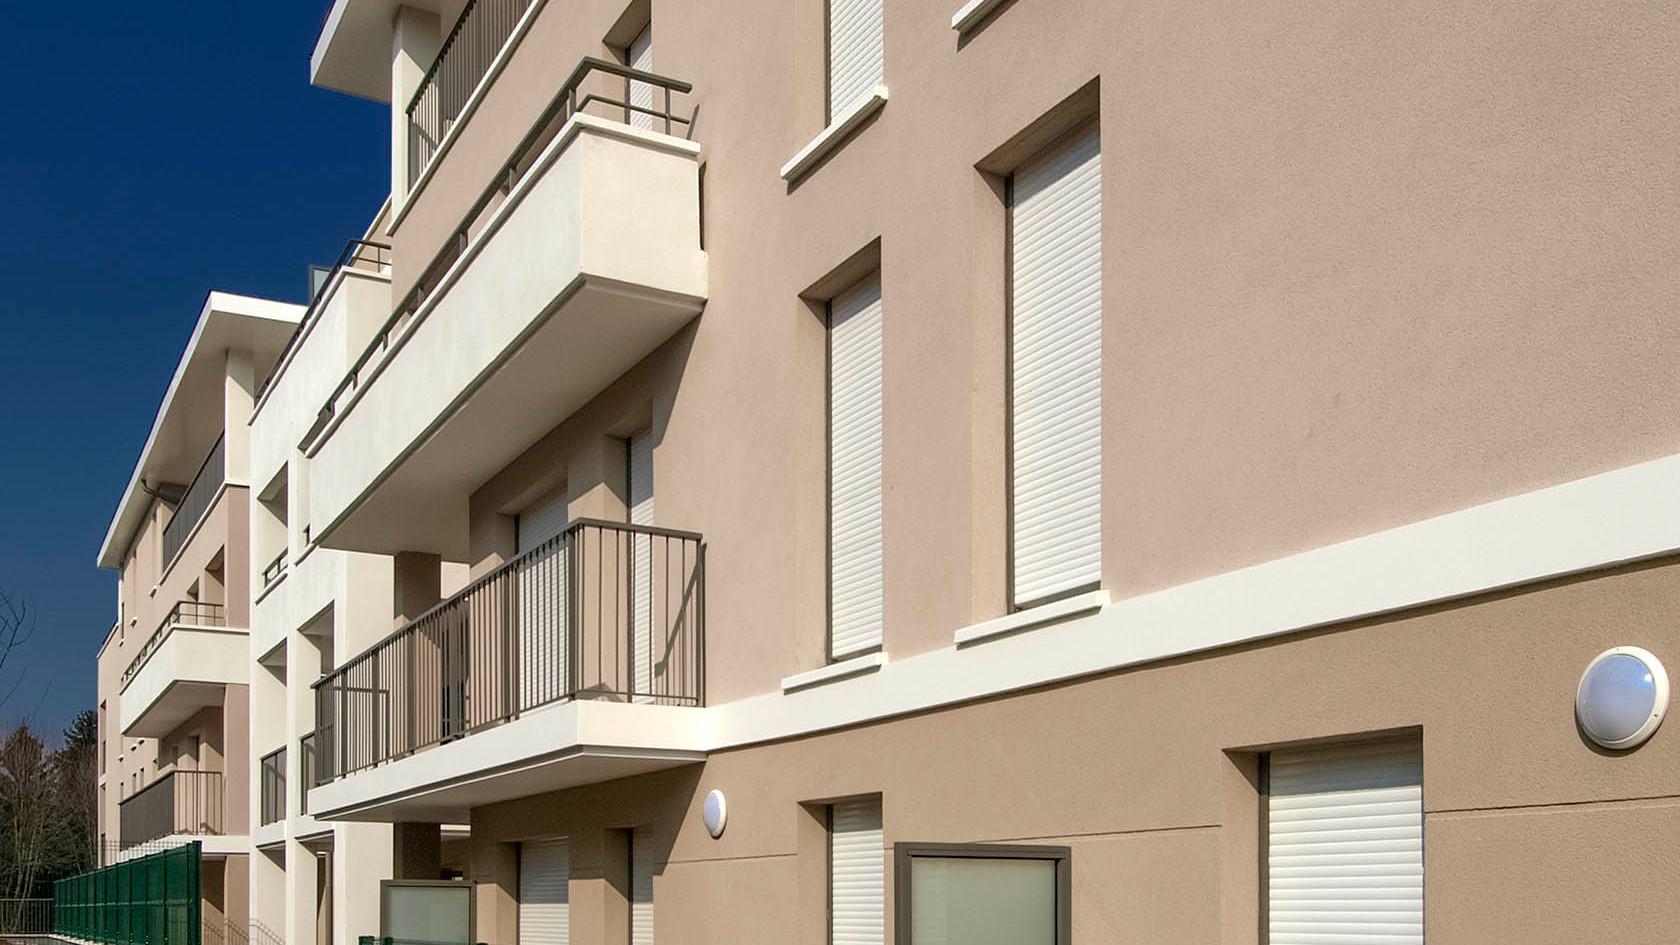 BW304 - 011-Saint Brice-Logement Francai